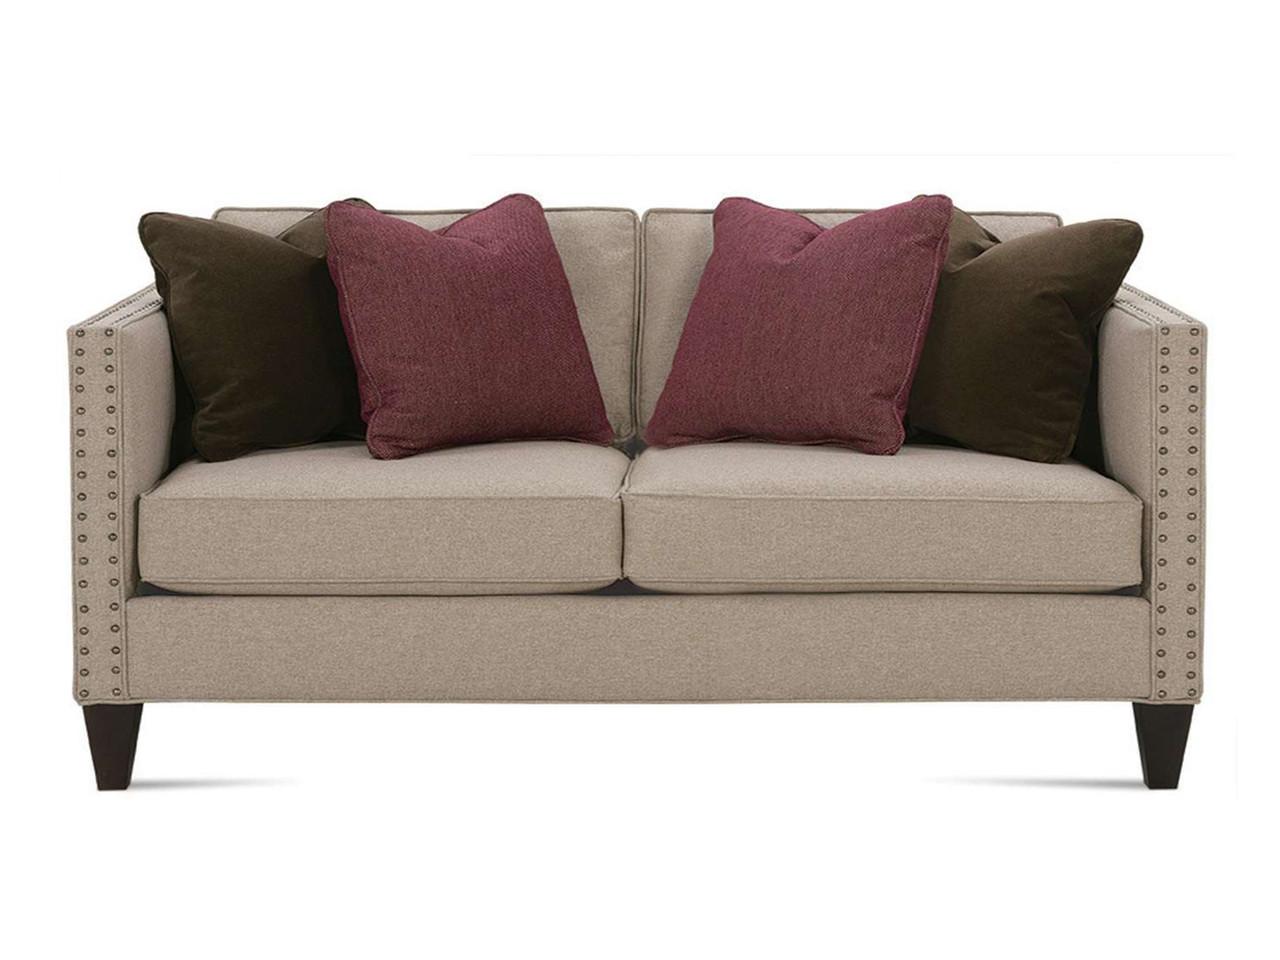 Fraizer Loveseat | Upholstered Apartment Sofas, Loveseat ...